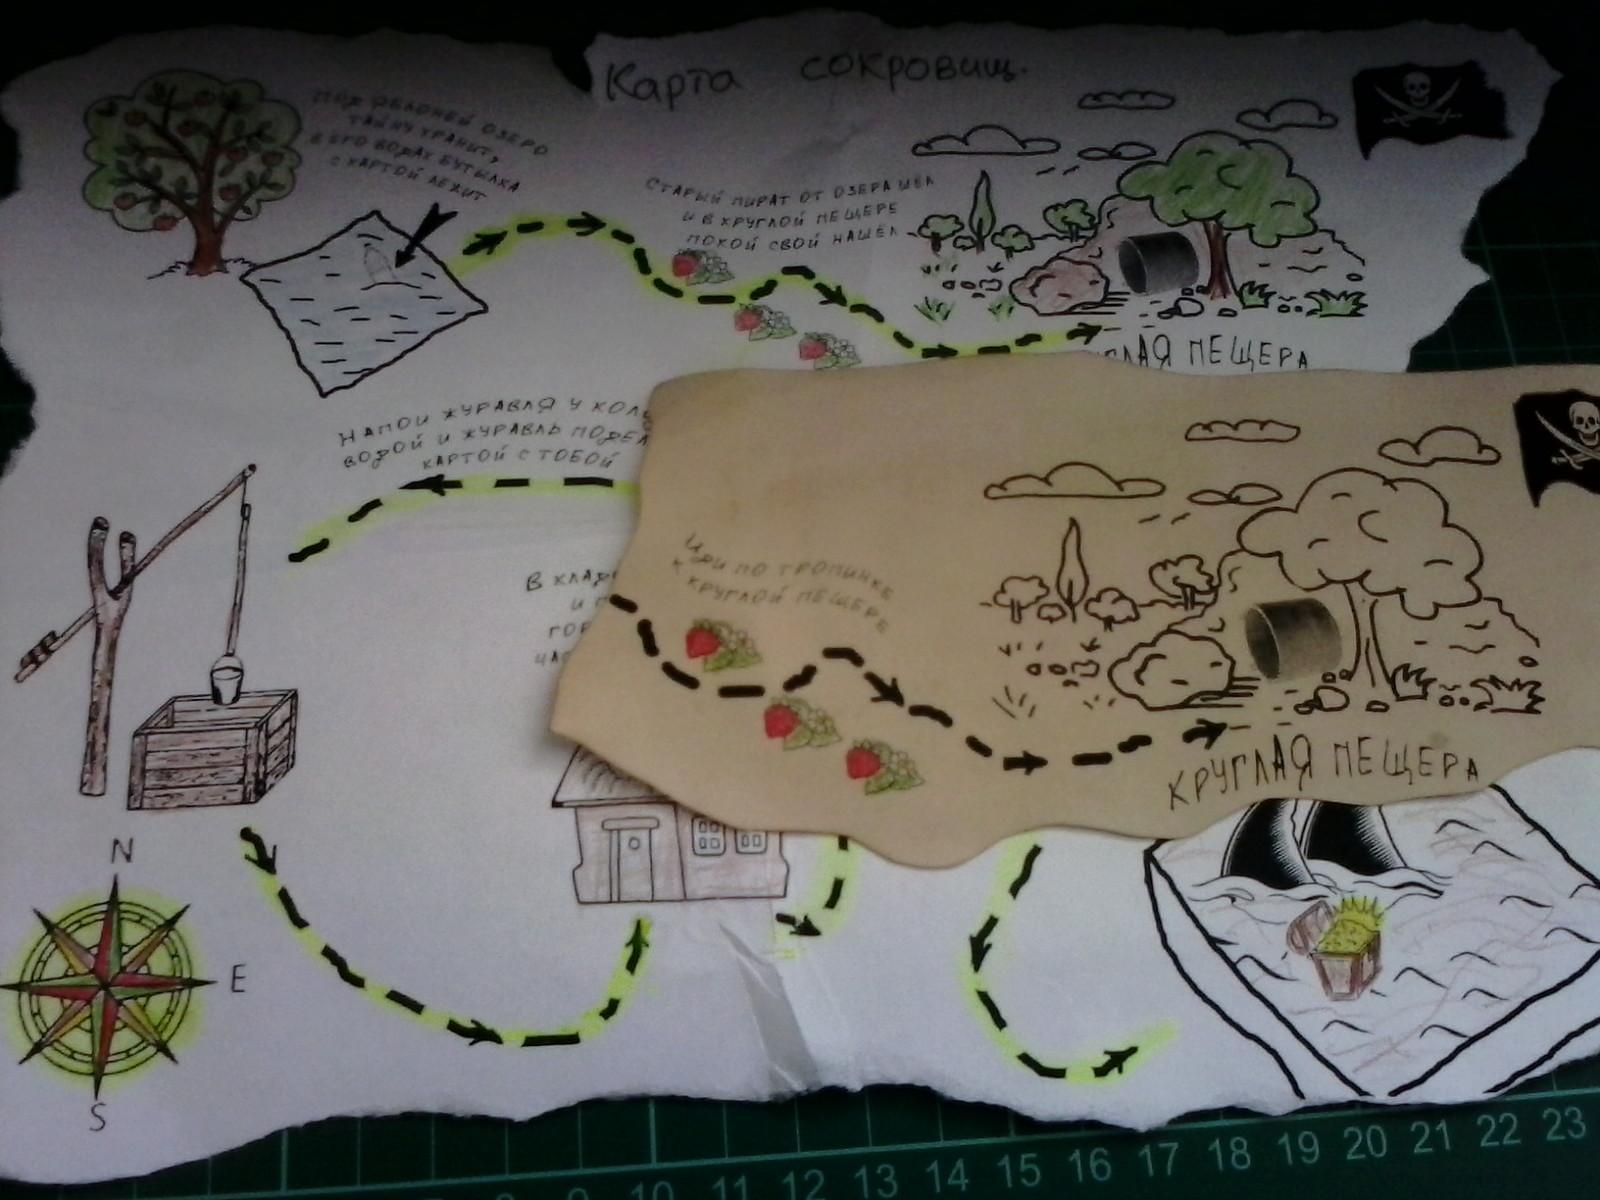 Карта сокровищ своими руками Лука Онлайн 13